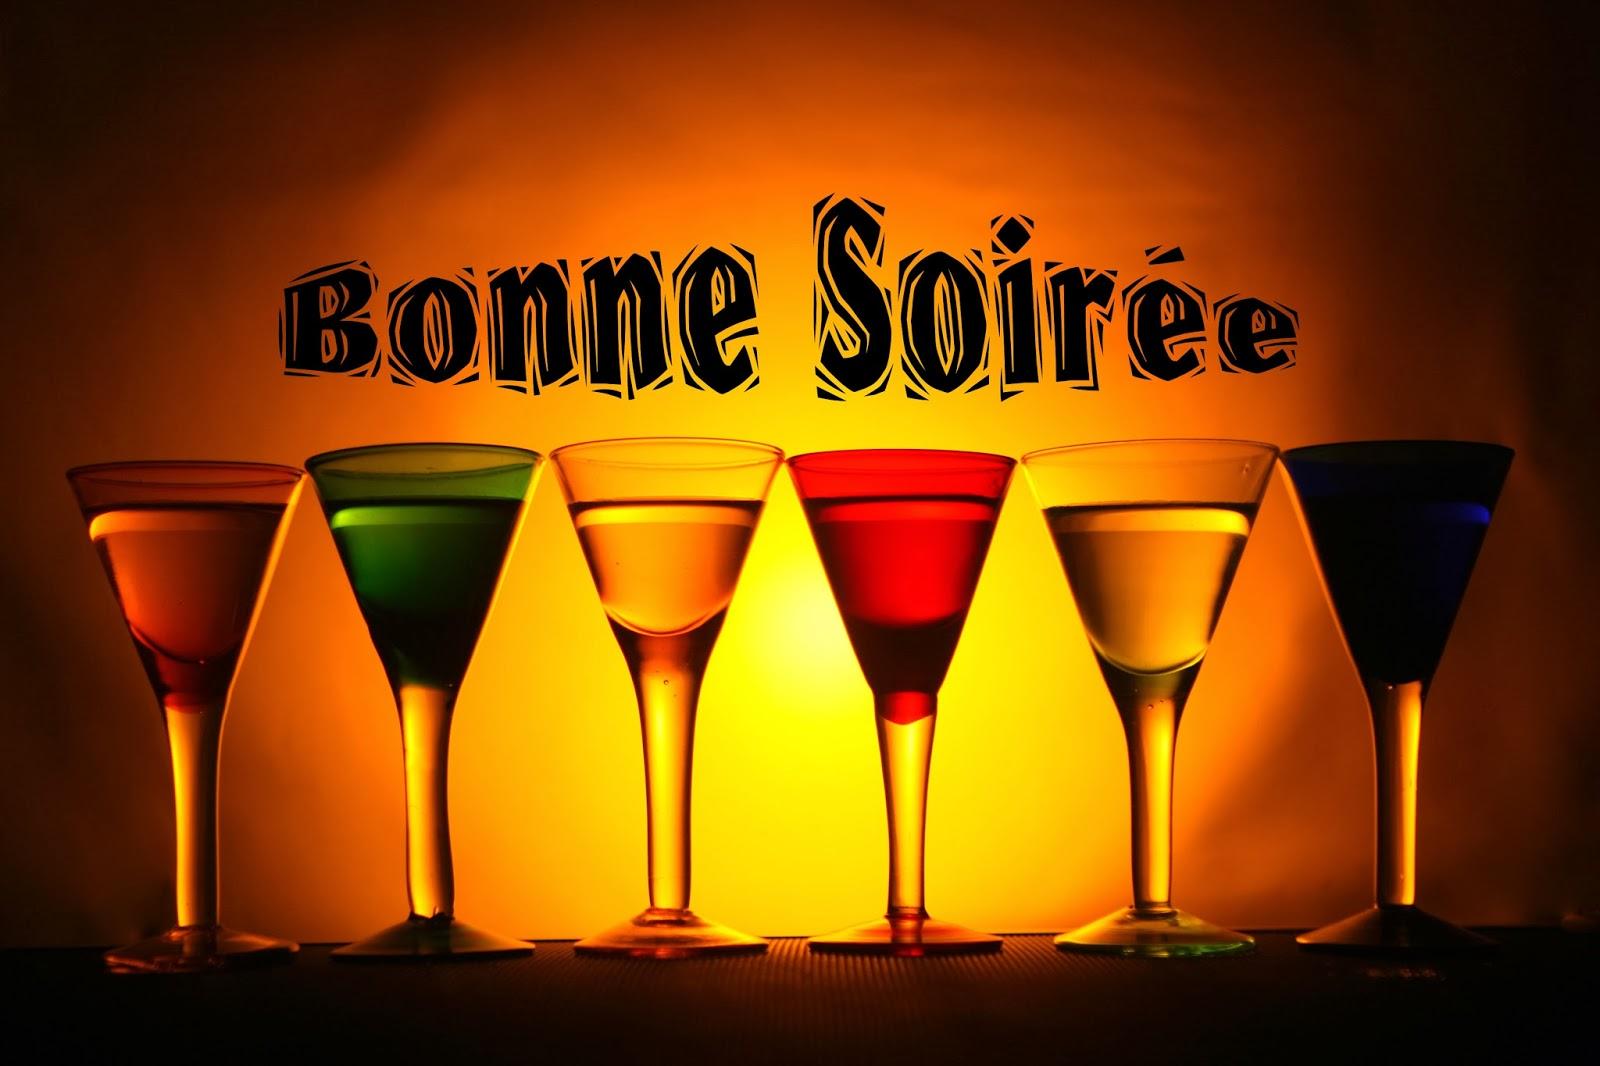 BON VENDREDI....Bonne Fin de Semaine à vous tous..... Bonne+soirée+-+20130324+%23+1